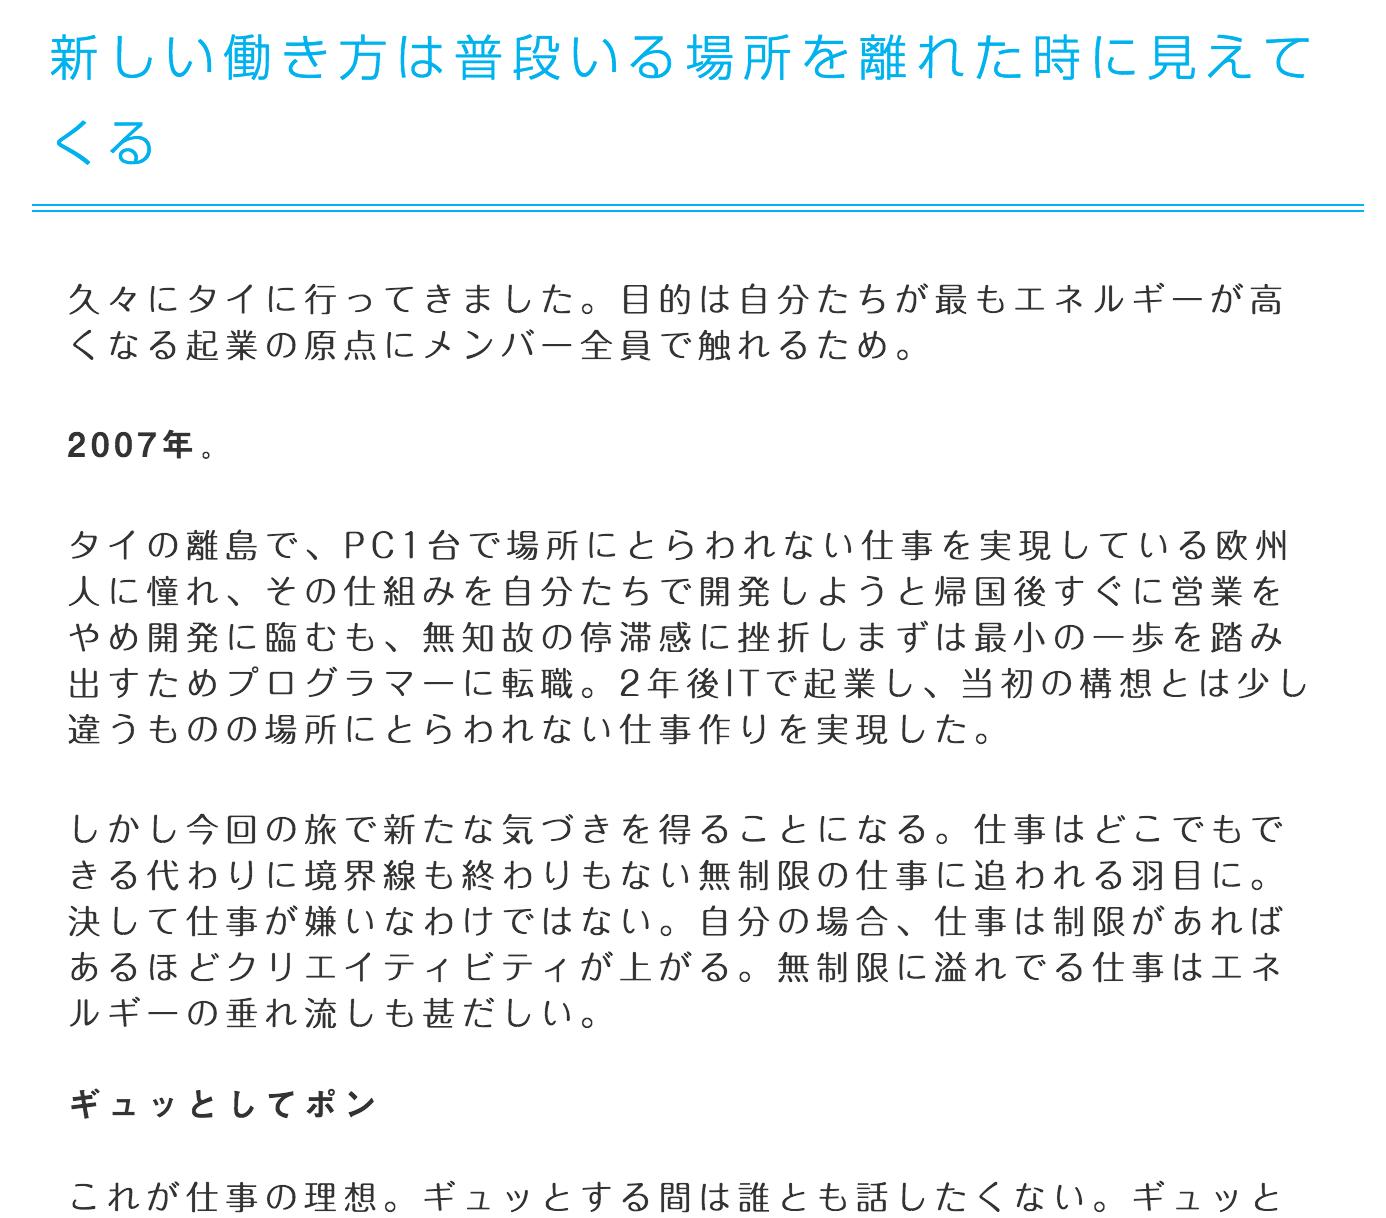 スクリーンショット 2014-12-09 8.30.15